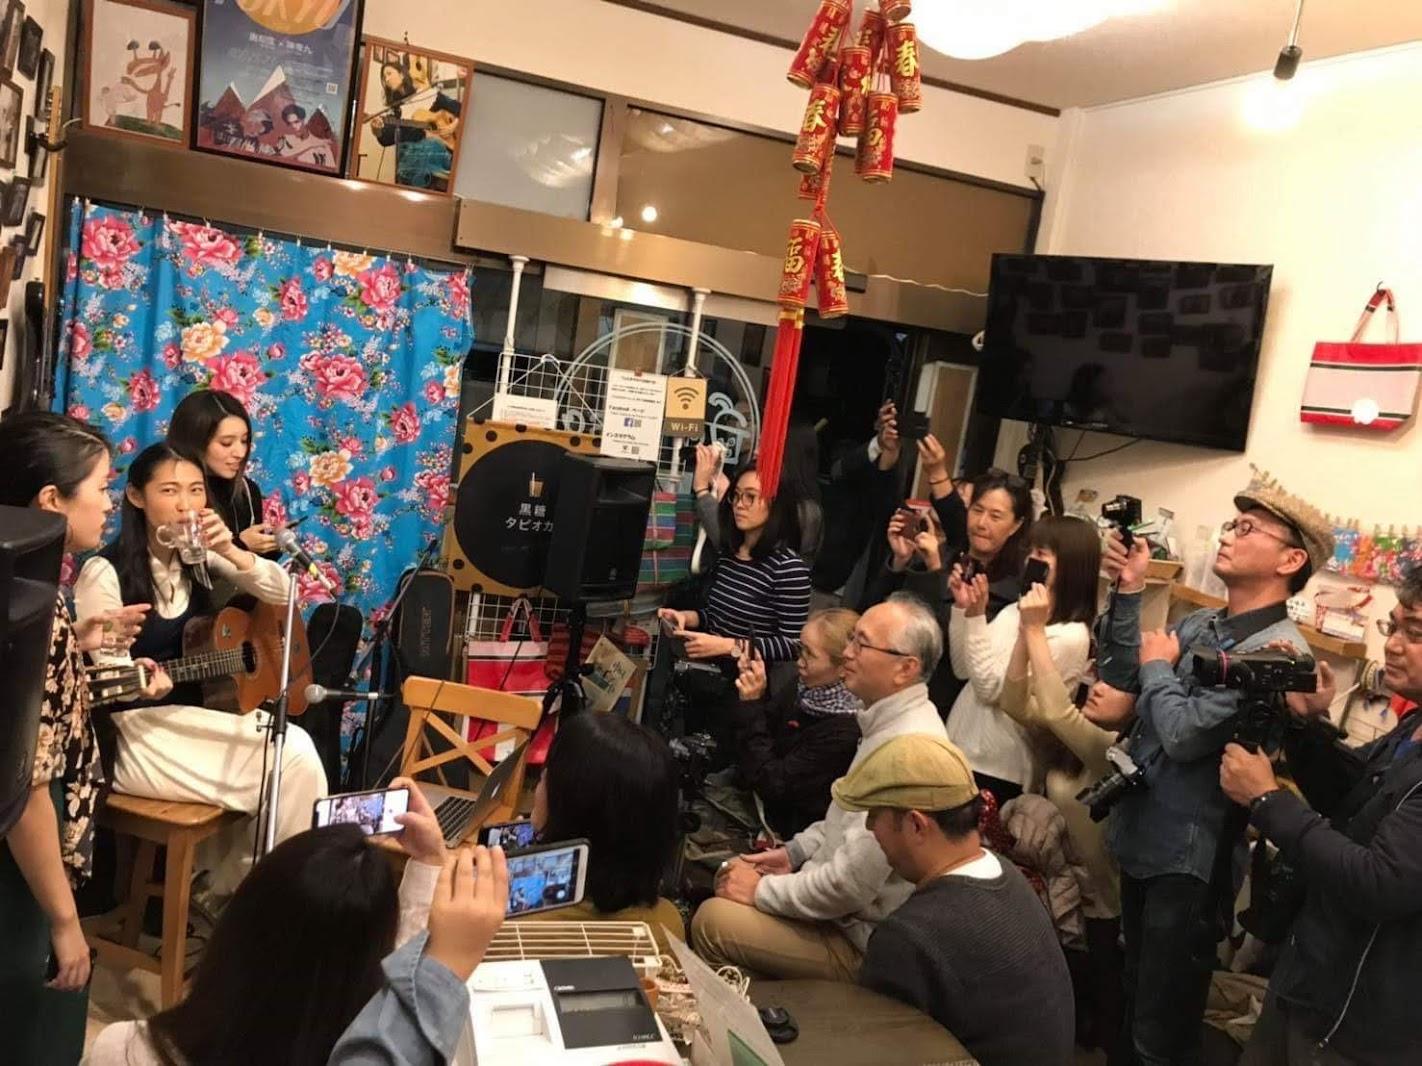 王若琳 與 梁心頤 結伴旅行 日本咖啡廳合體獻唱〈我只在乎你〉迷倒粉絲